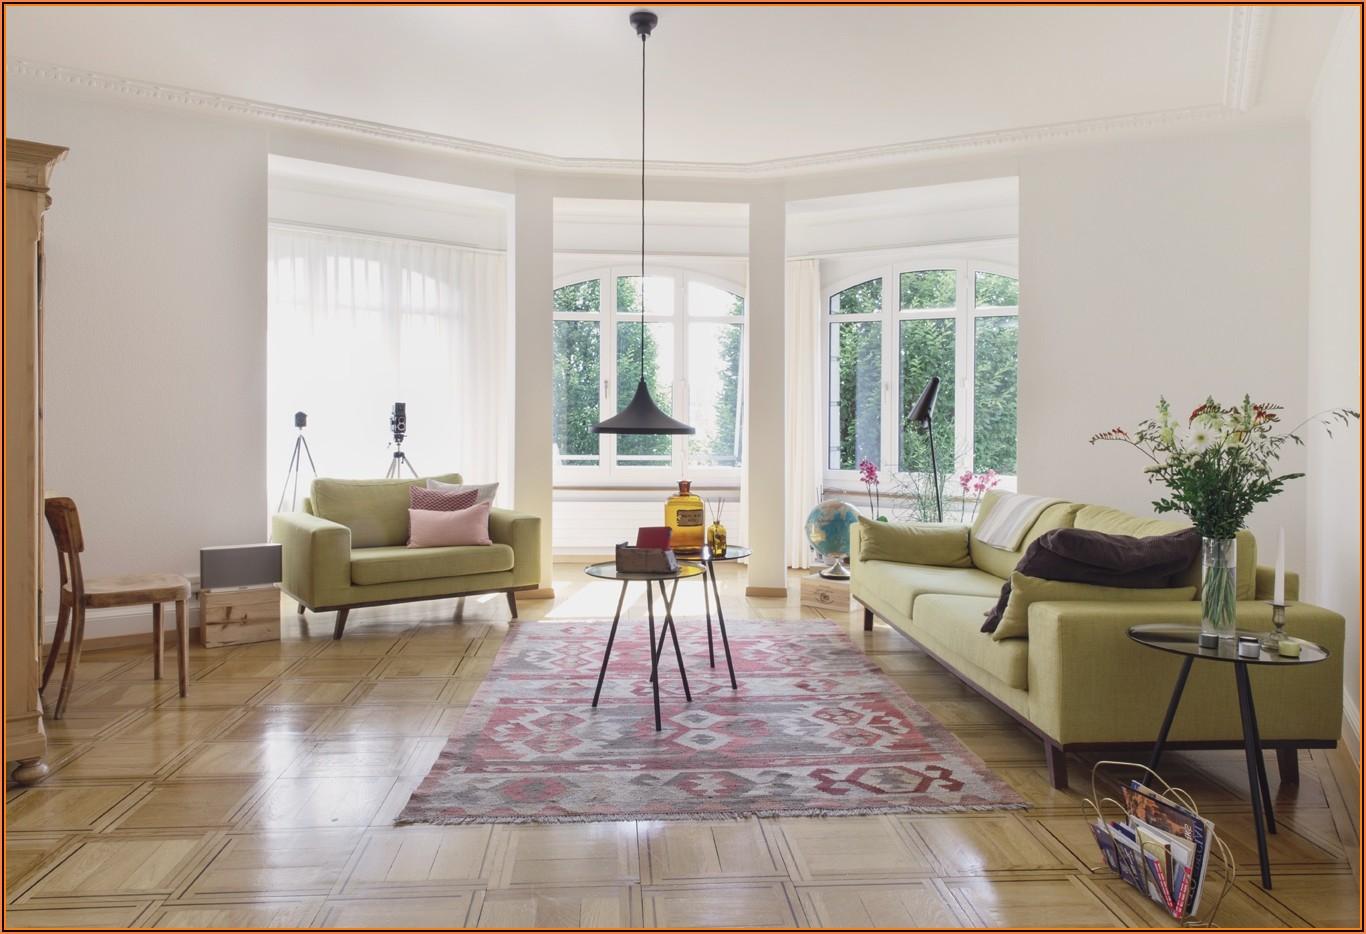 Tolle Bilder Für Wohnzimmer